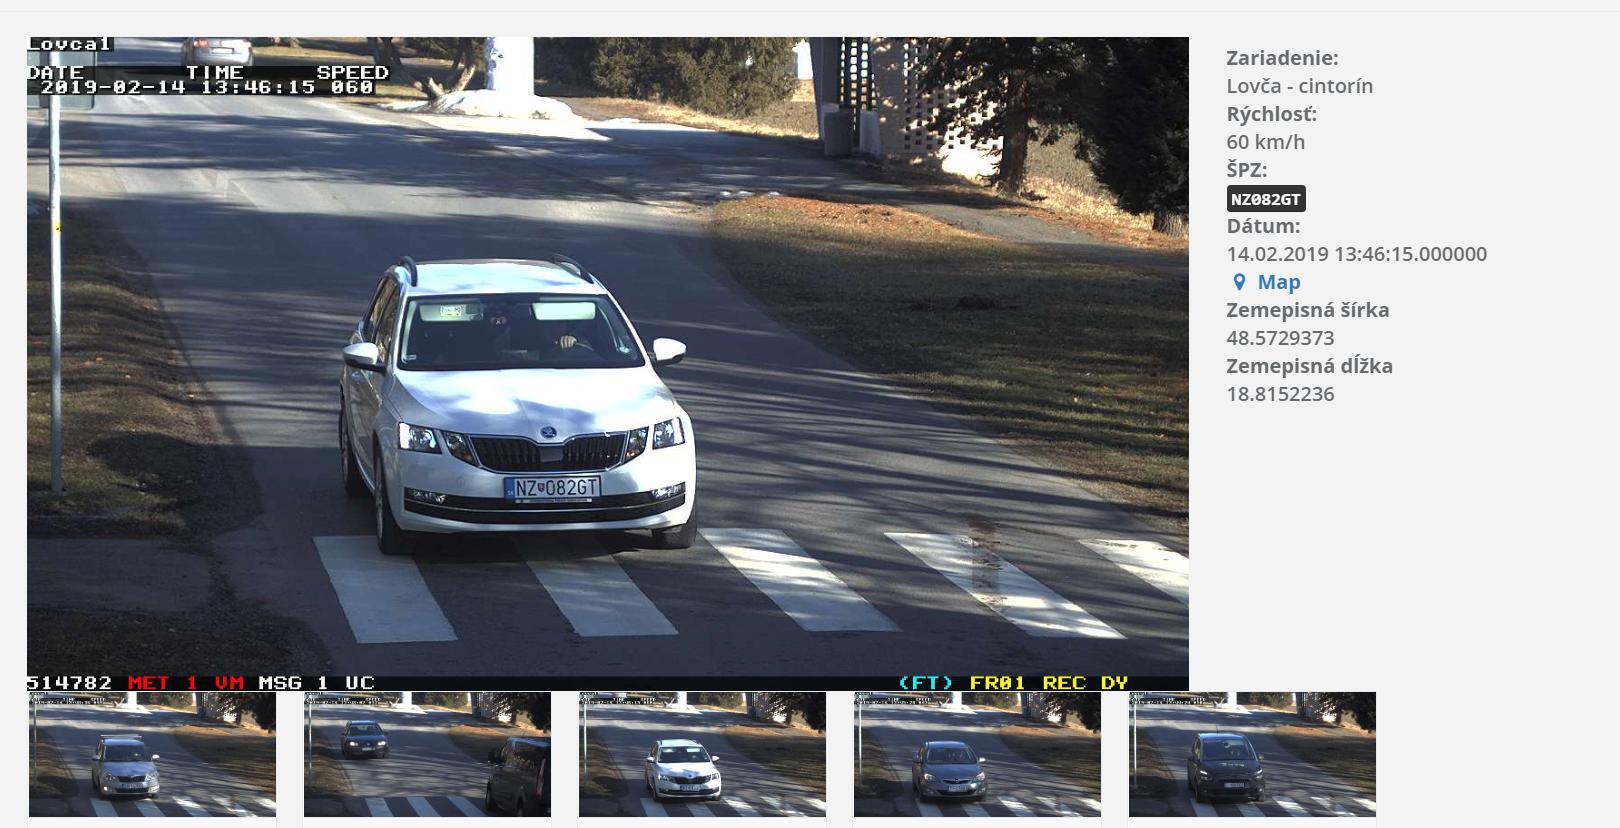 Foto merače rýchlostí vozidiel